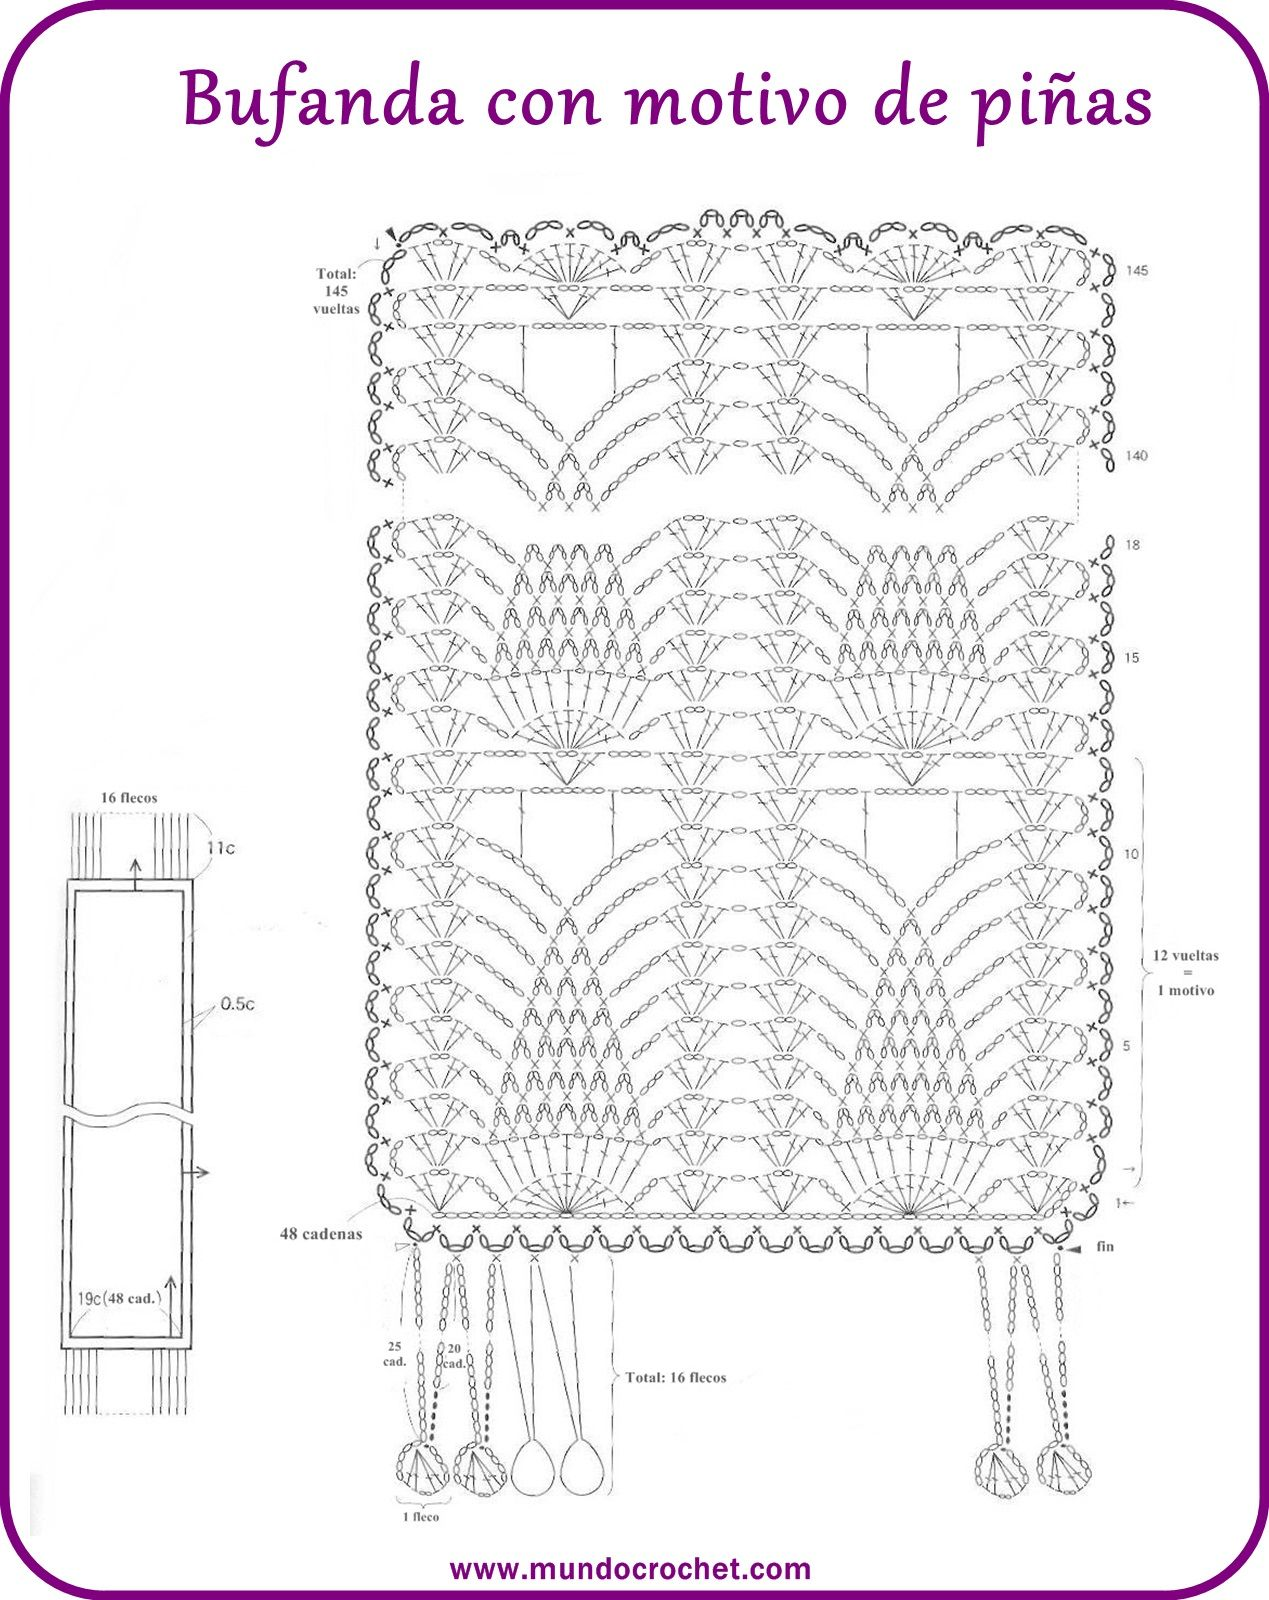 Bufanda a crochet con motivo de piñas - Mundo Crochet | Manualidades ...